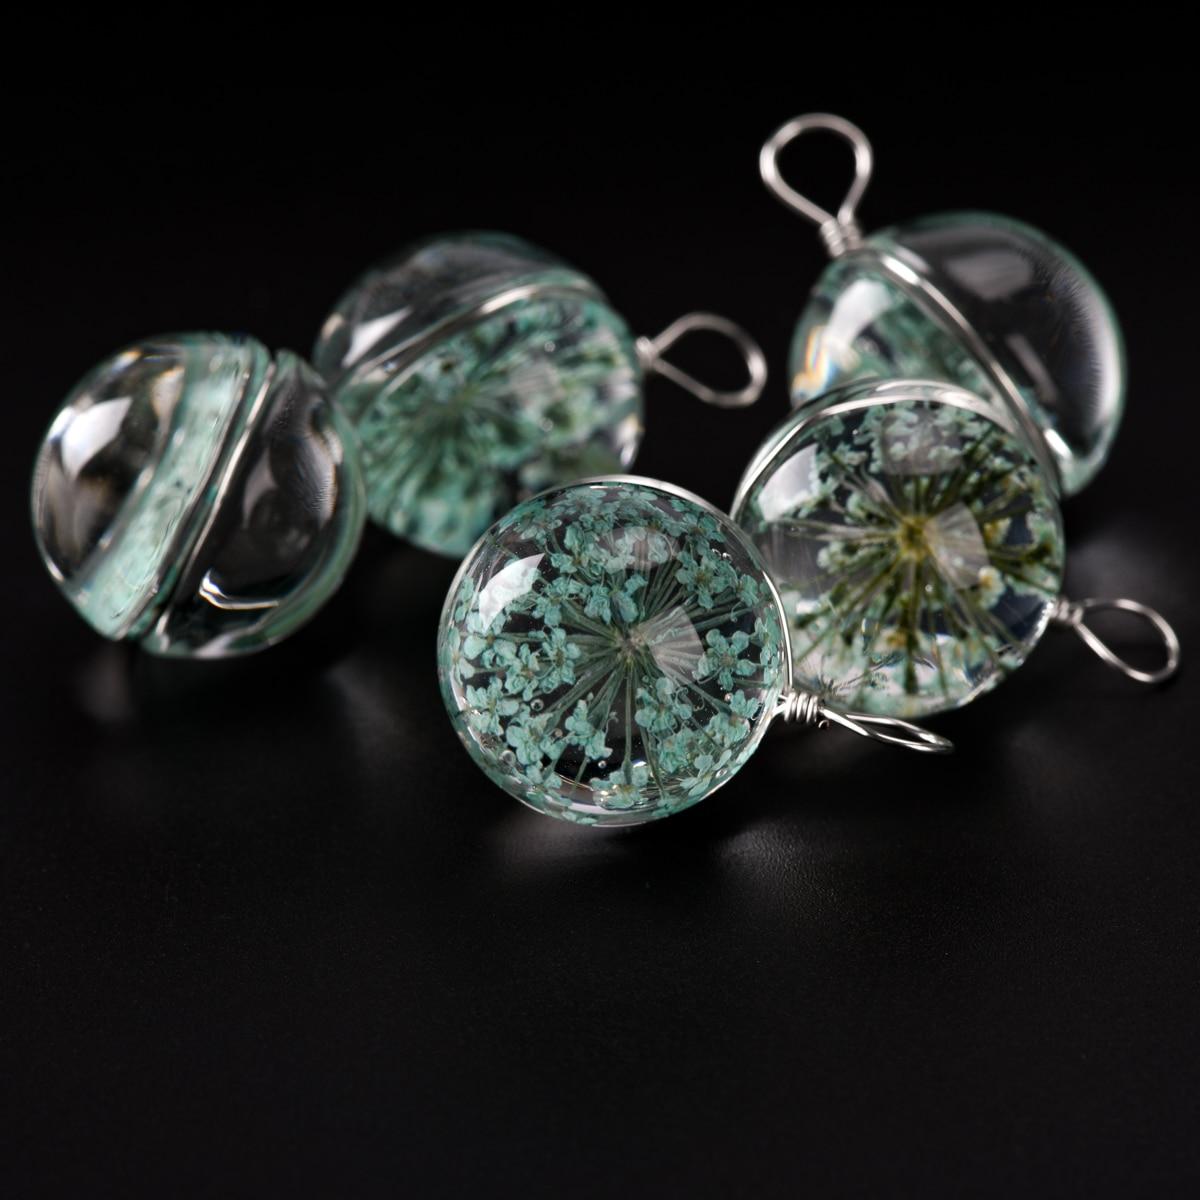 18 # bola de cristal de alambre de hierro y cadena de flores no cristal para DIY pendientes pulsera collar joyería hacer cuentas # IZ323